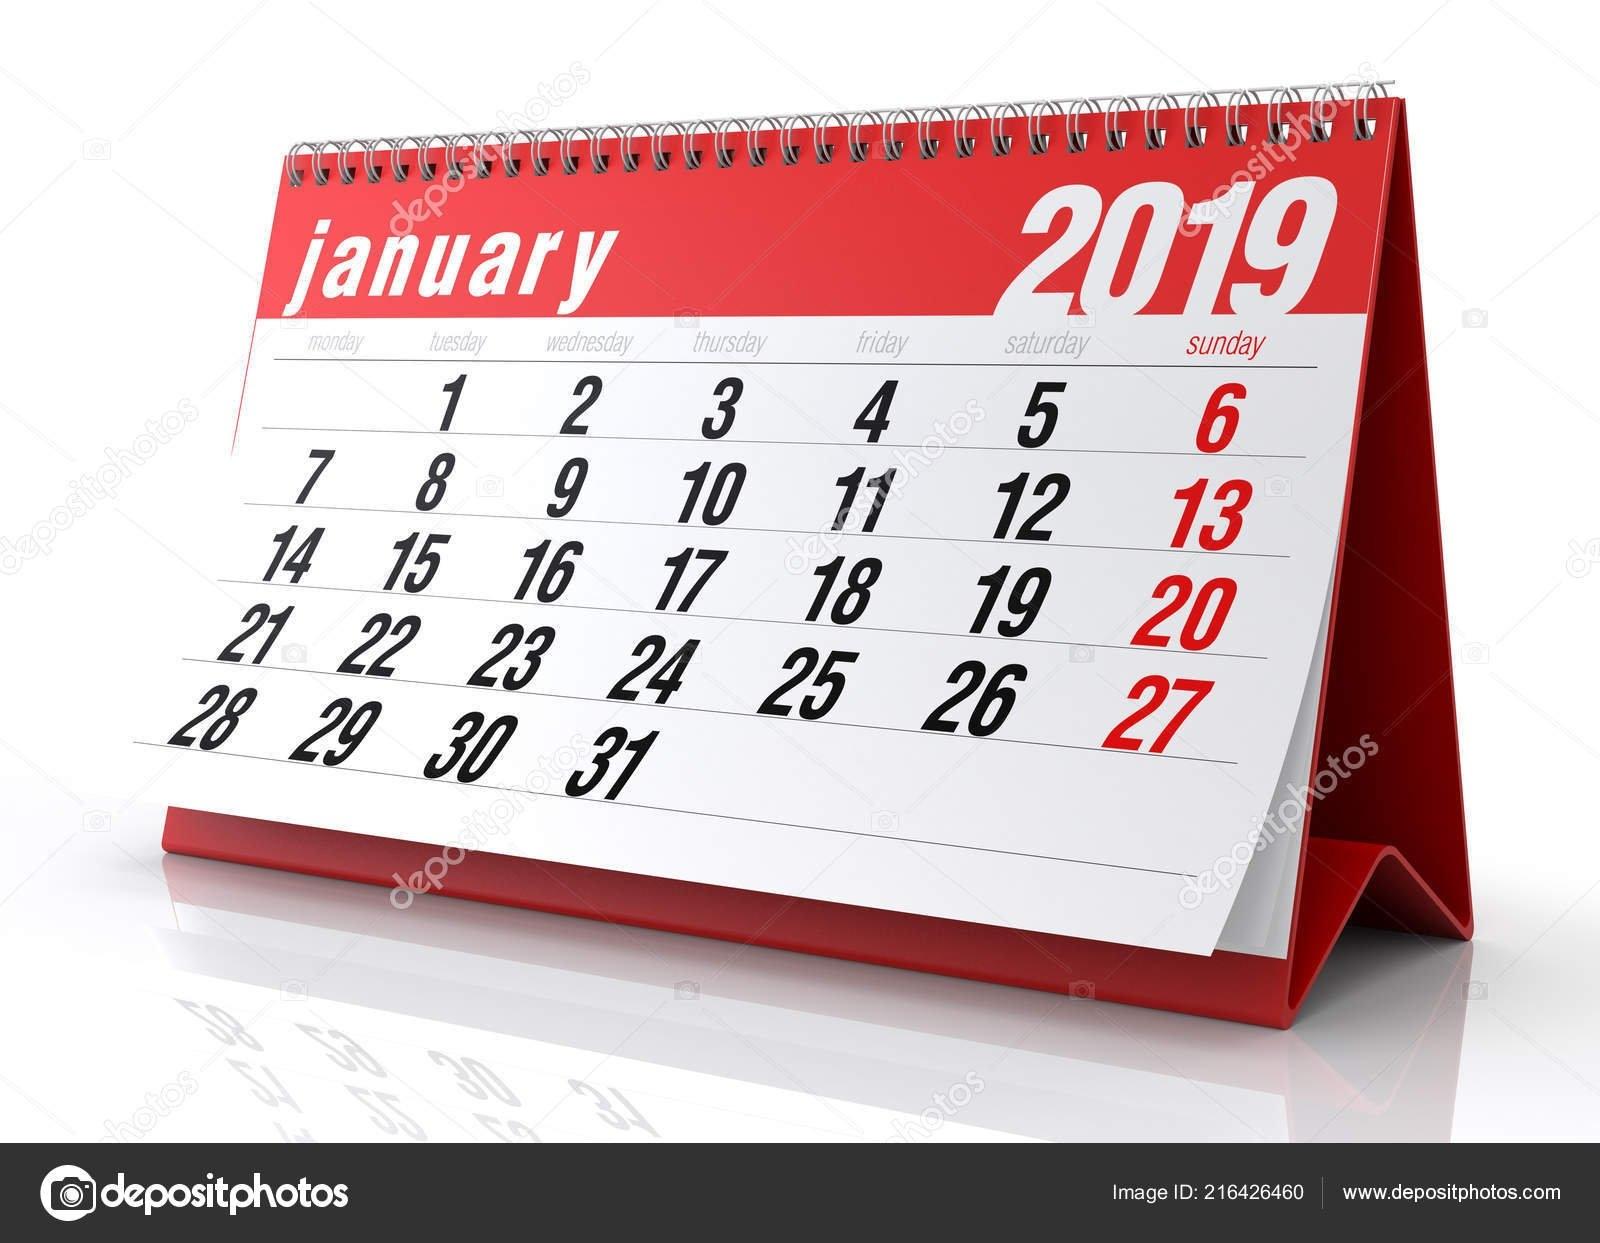 January 2019 Calendar Isolated White Background Illustration — Stock Calendar 2019 3D